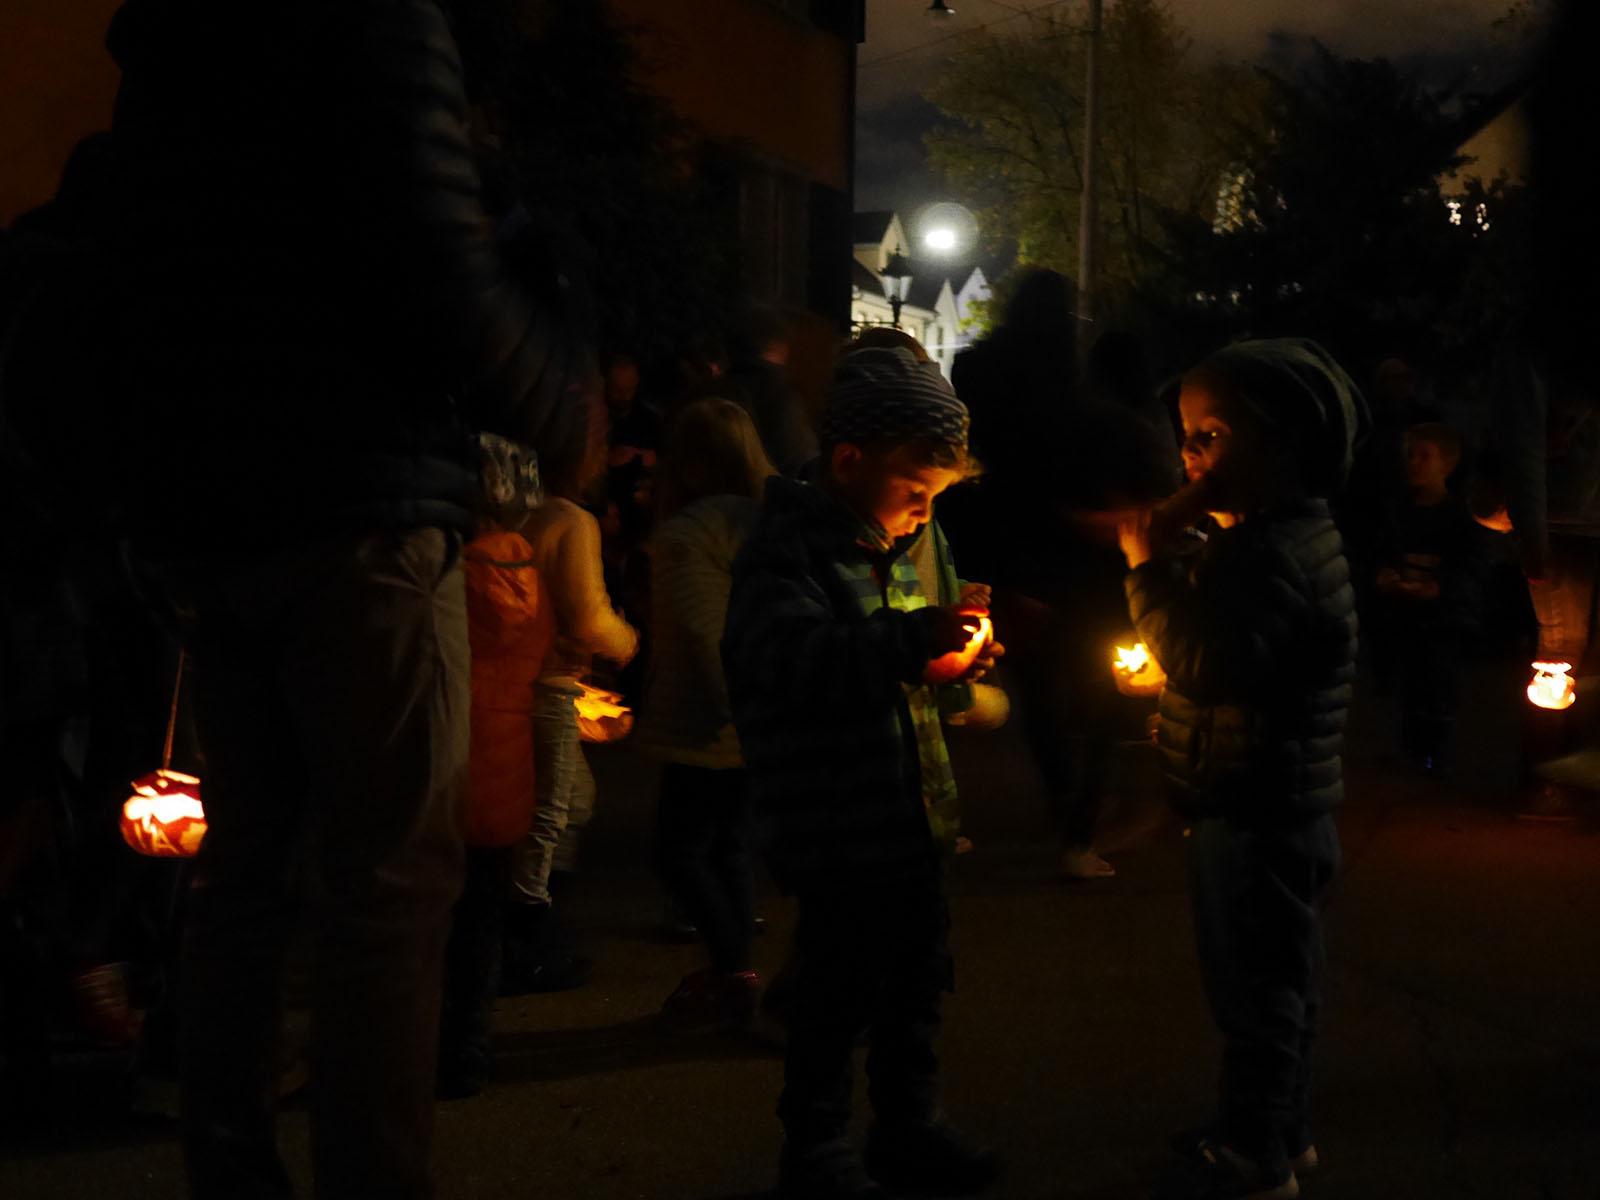 Die Kinder genossen den Spaziergang durch die Nacht.